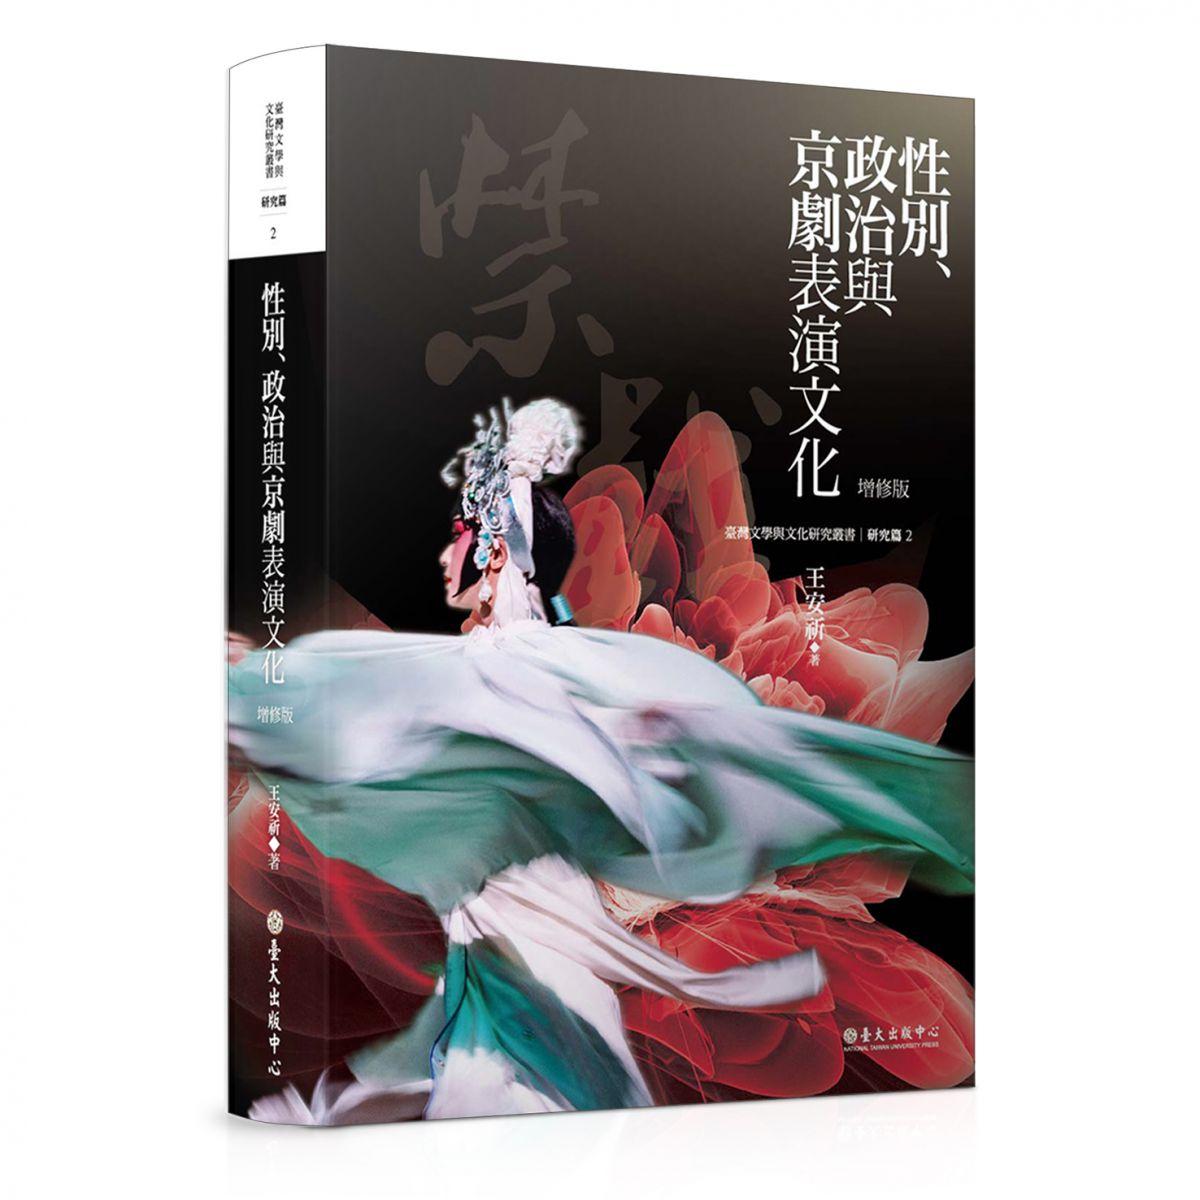 《性別、政治與京劇表演文化(增修版)》剖析清末以來京劇表演文化